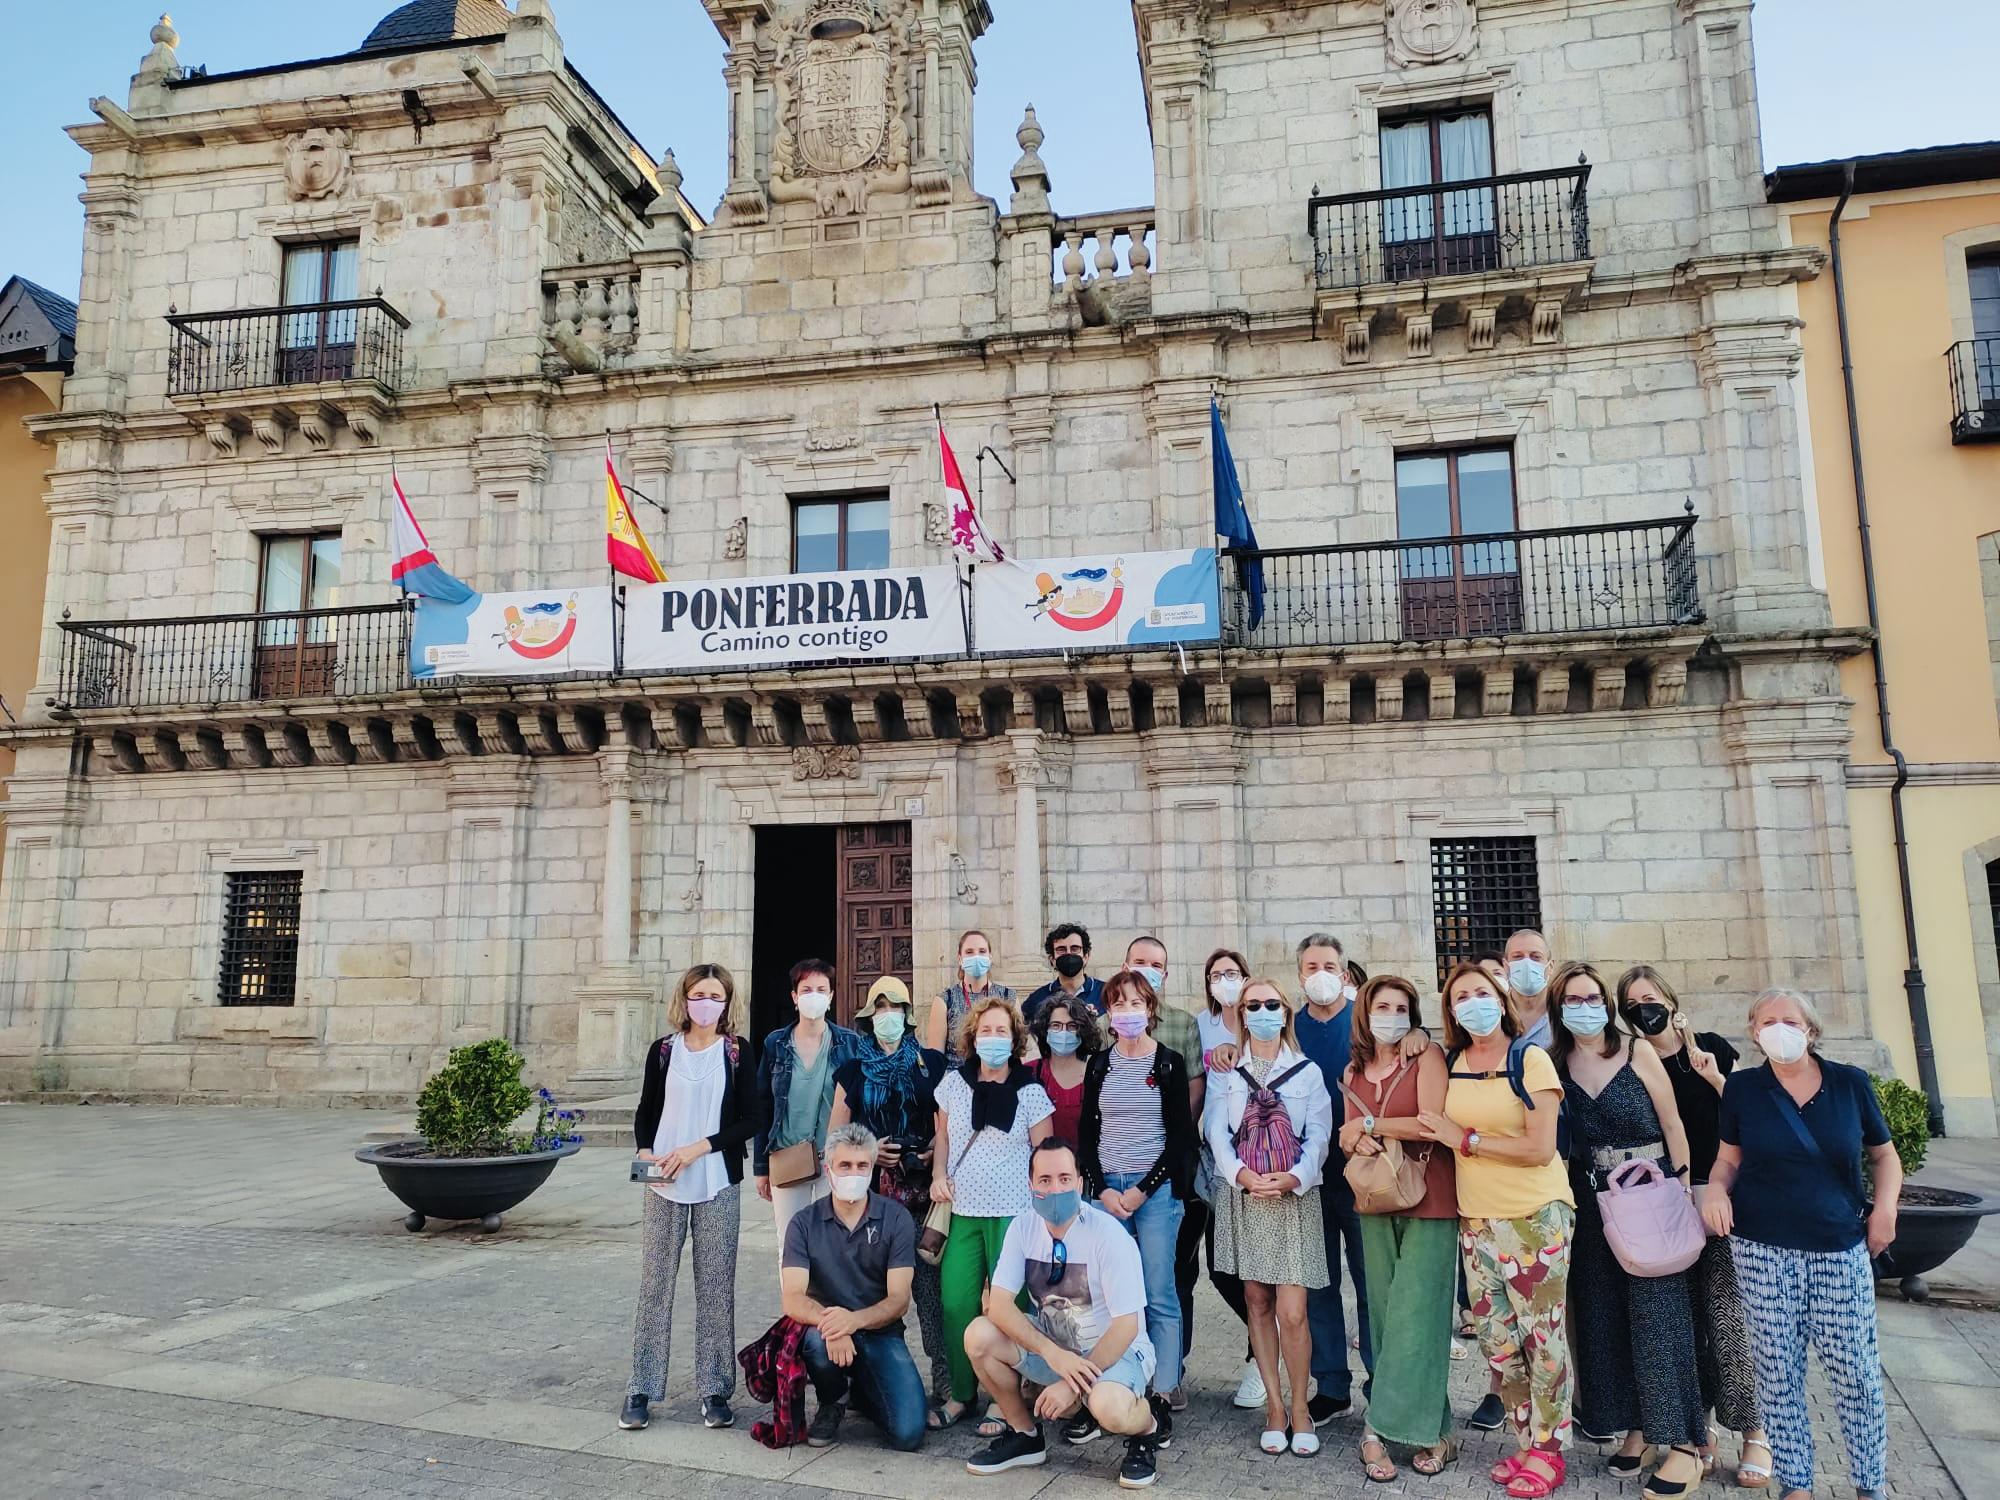 Free Tour Ponferrada, una visita guiada por guías leoneses oficiales de turismo que te enseñarán los lugares más importantes de la capital del Bierzo.